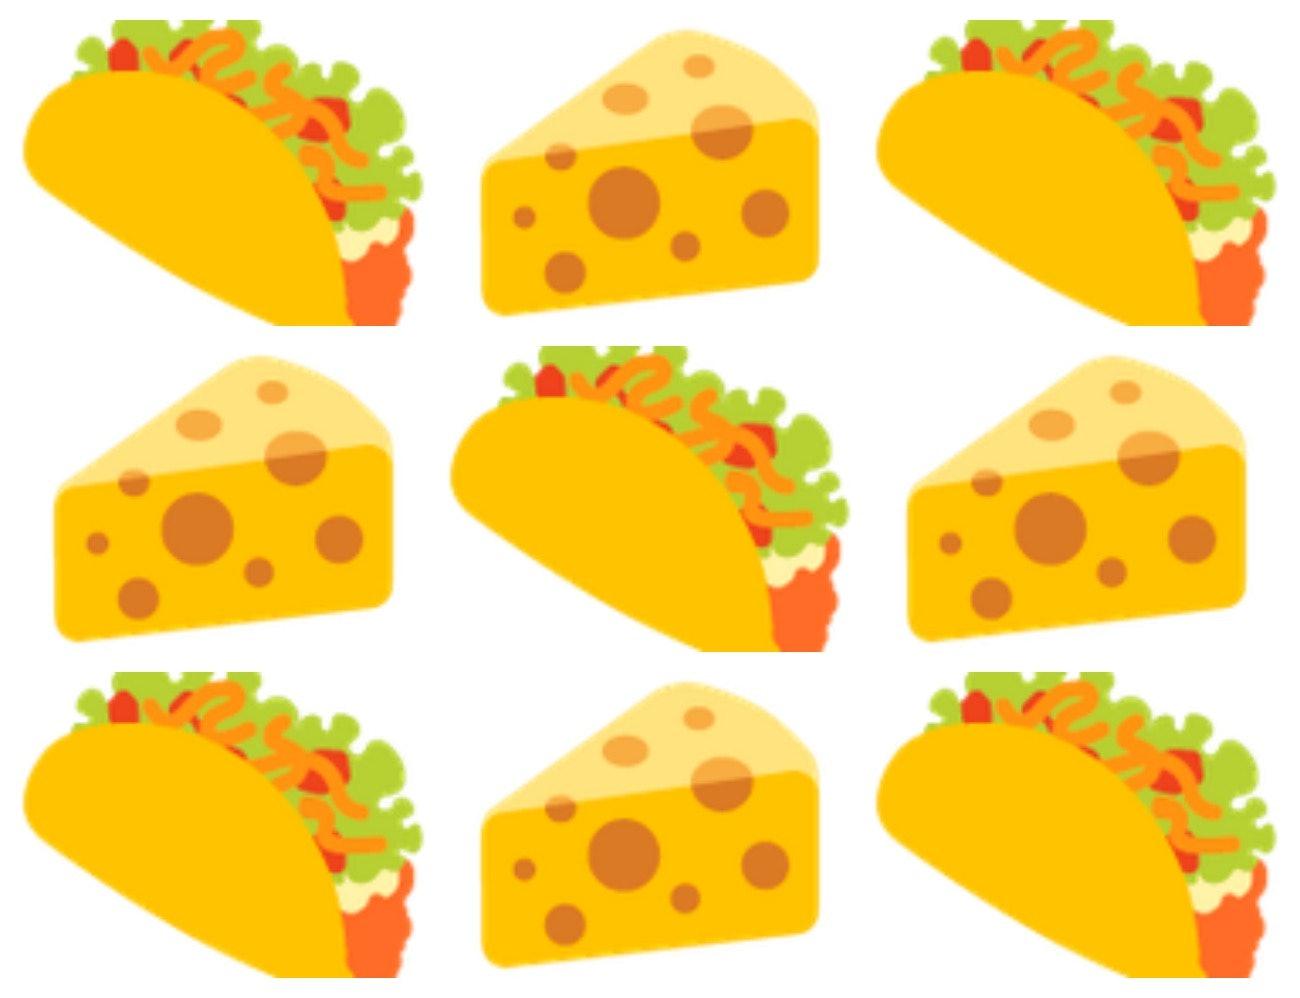 Fullsize Of Praise Hands Emoji